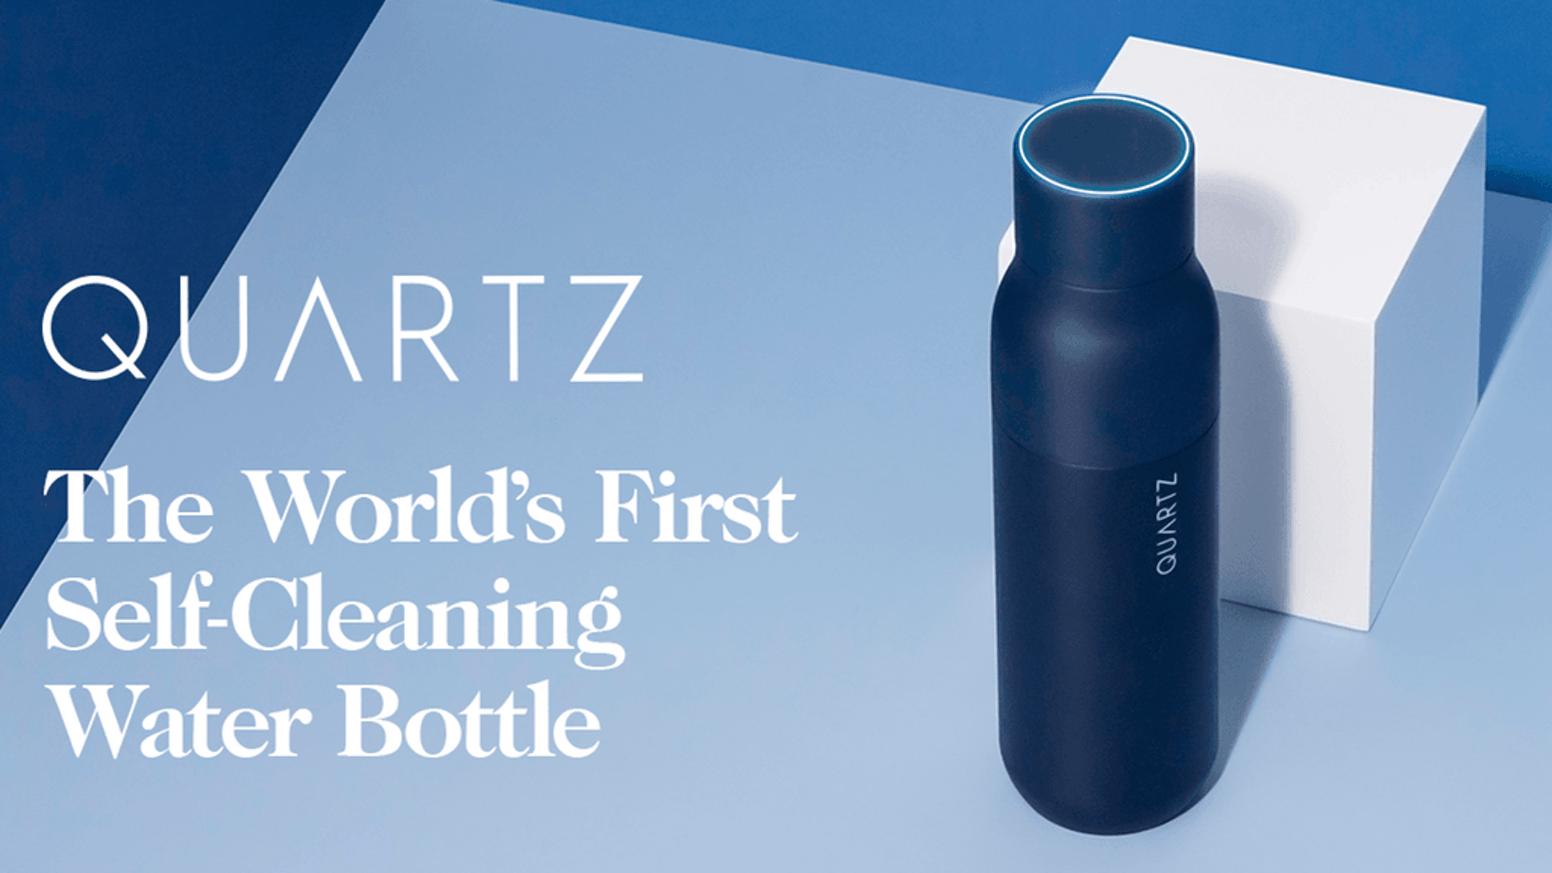 This Water Bottle Raised Over $1 Million on Kickstarter photo